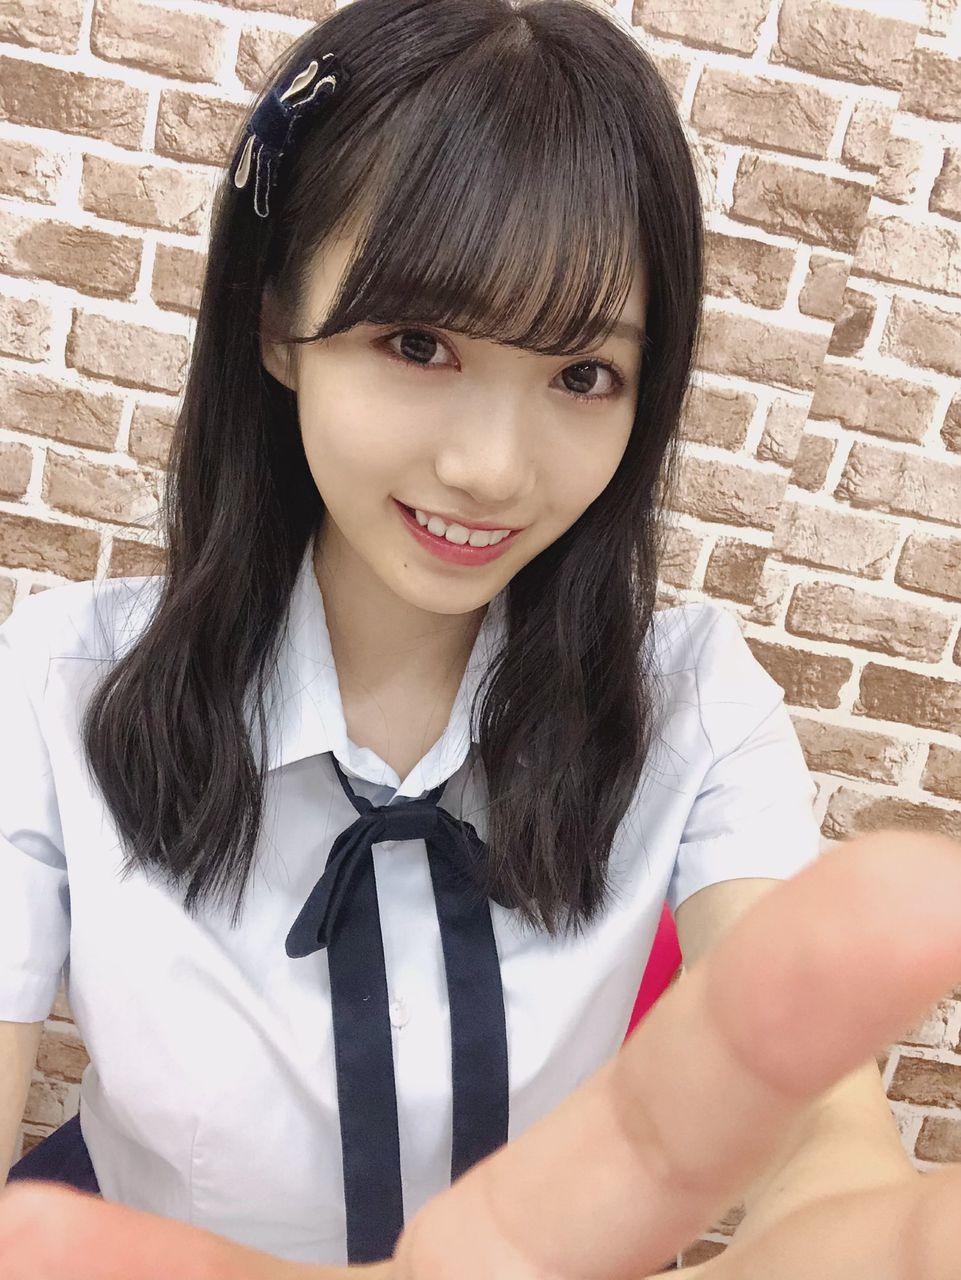 NMB48研究生の横野すみれさん、選抜メンバーをごぼう抜きしてしまう